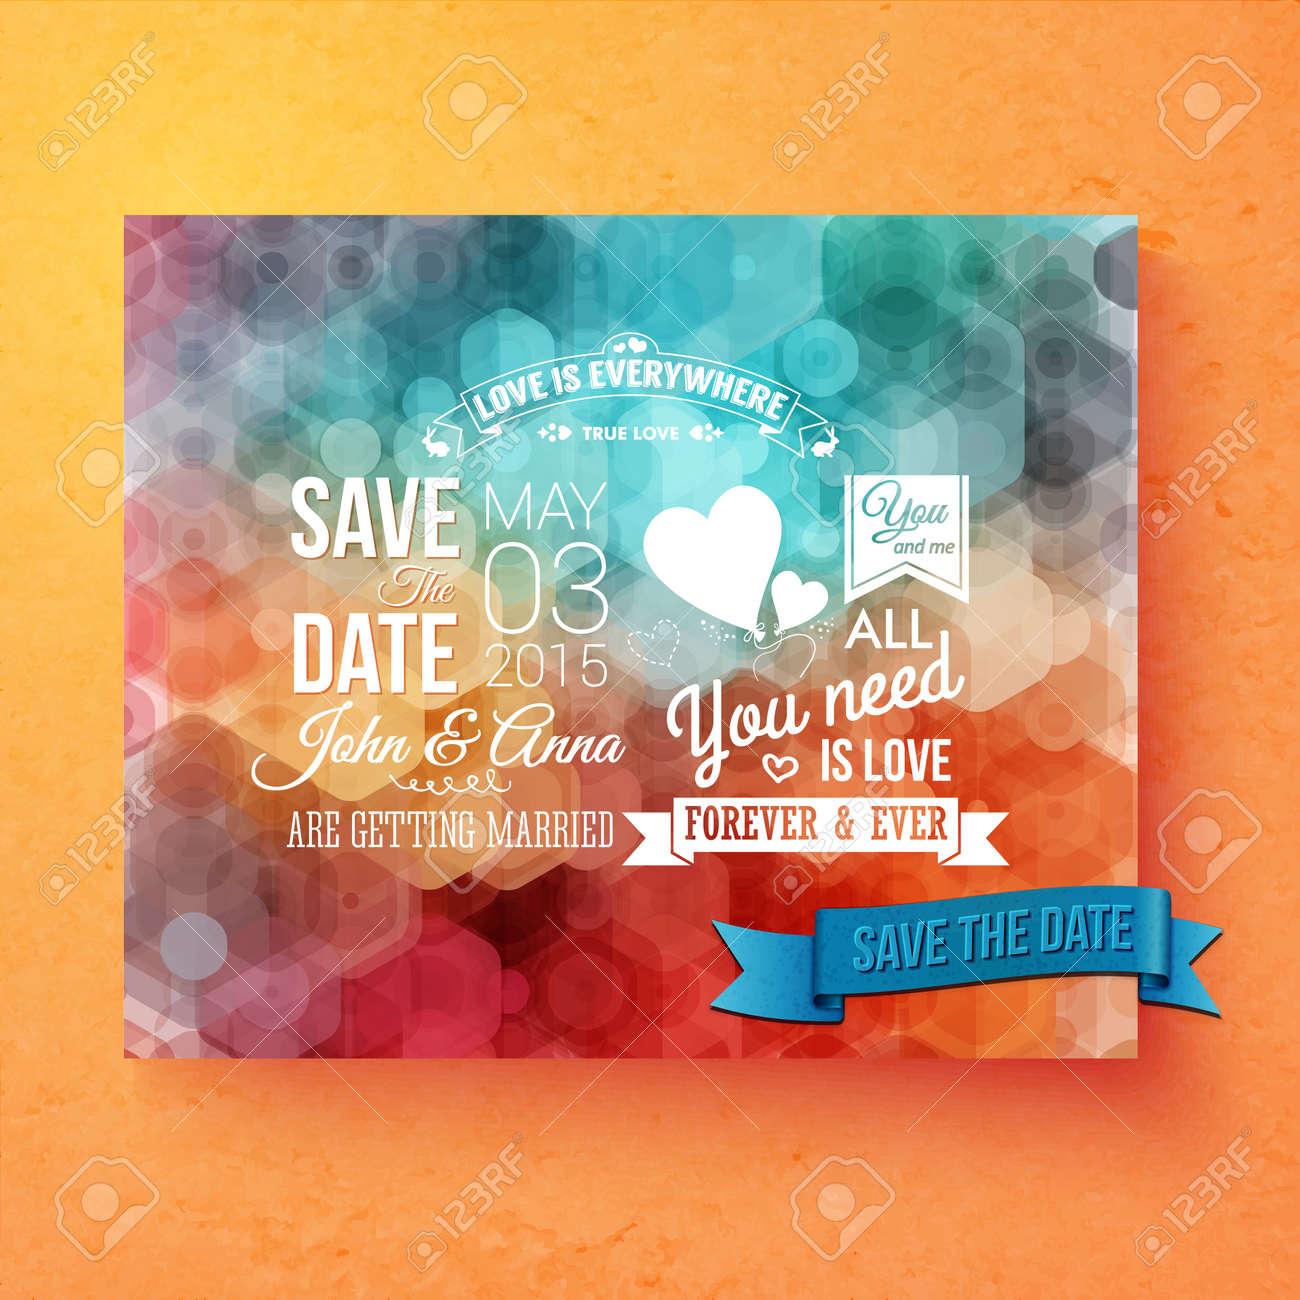 卒業オレンジ色の背景に幾何学的な六角形のボケ味を持つカラフルな抽象的なパターンで結婚式の招待状のベクトル テンプレート保存の日付の白いテキストと感動のロマンチックなメッセージ